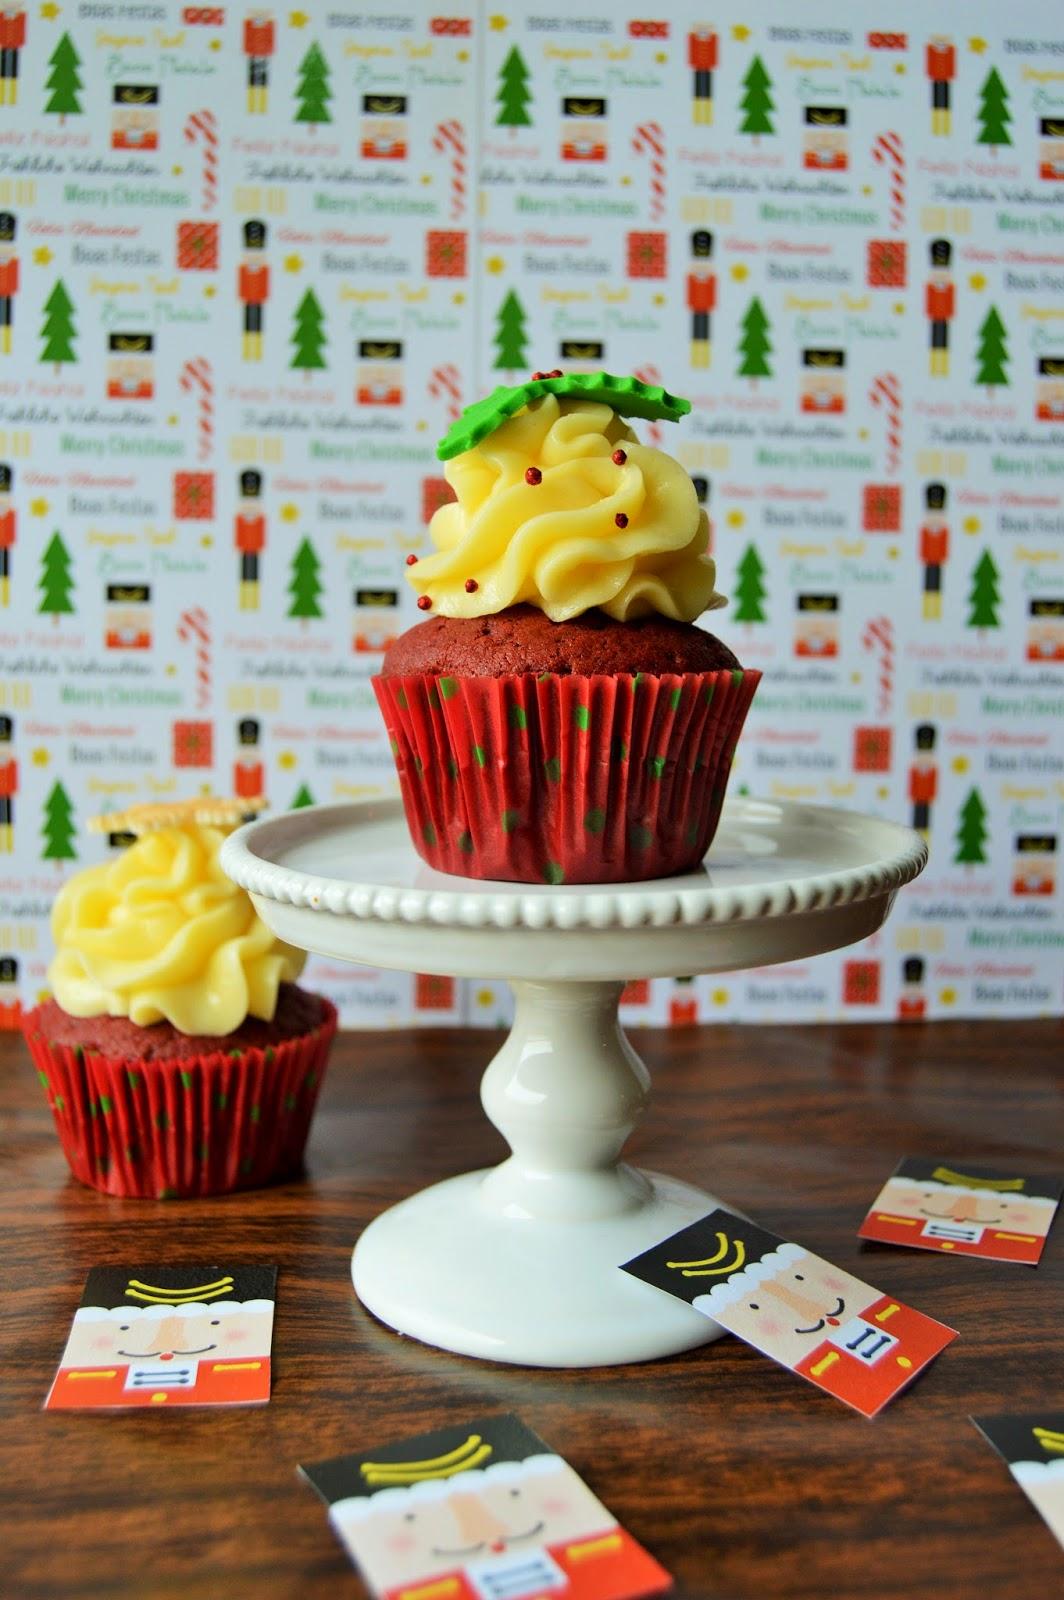 red-velvet-cupcakes-navidad-nochebuna-mexico-receta